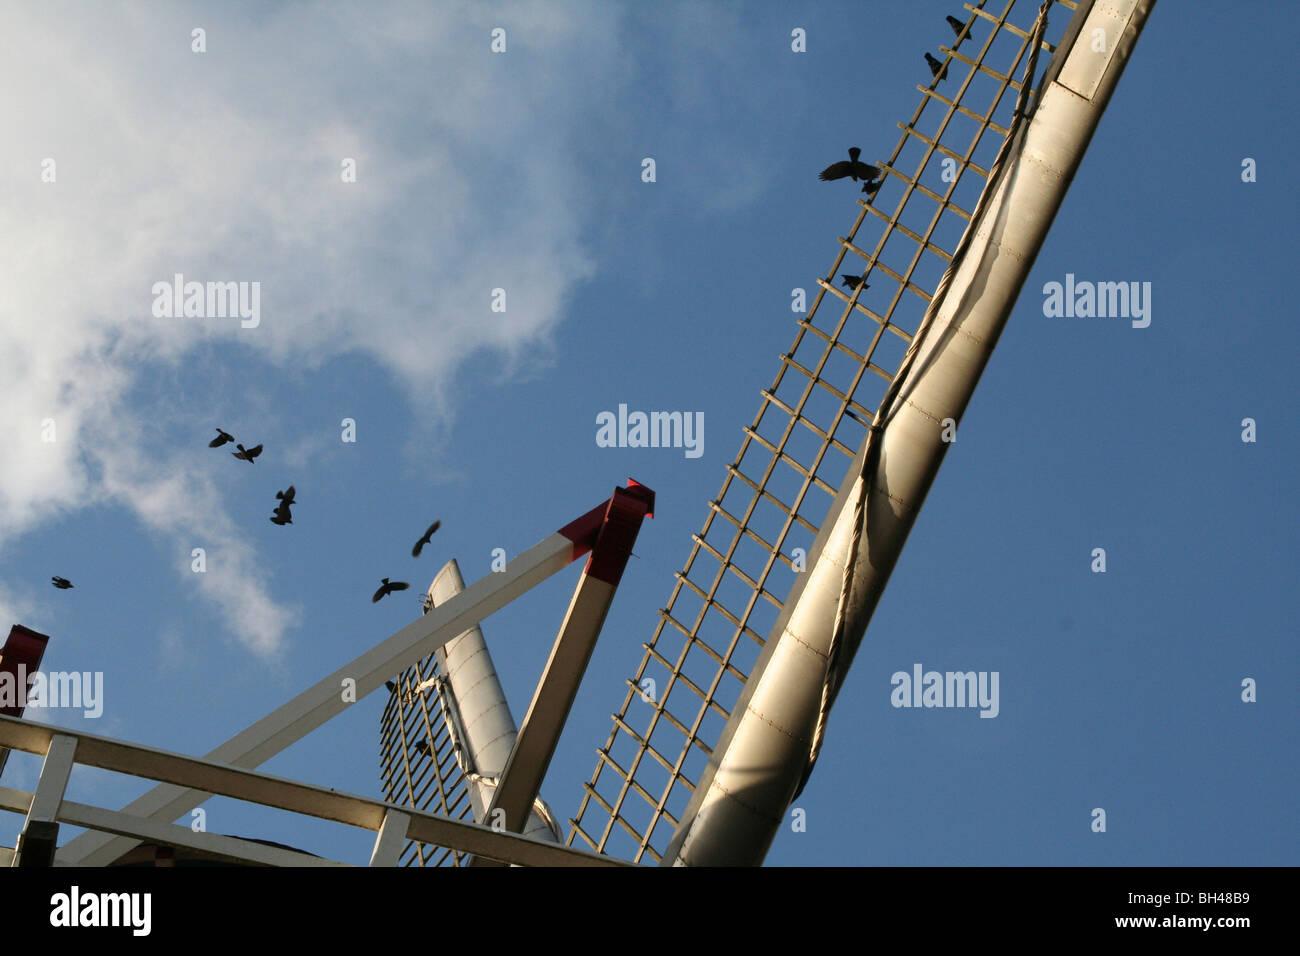 Alte Windmühle in Ravenste mit fliegenden Krähen. Stockbild